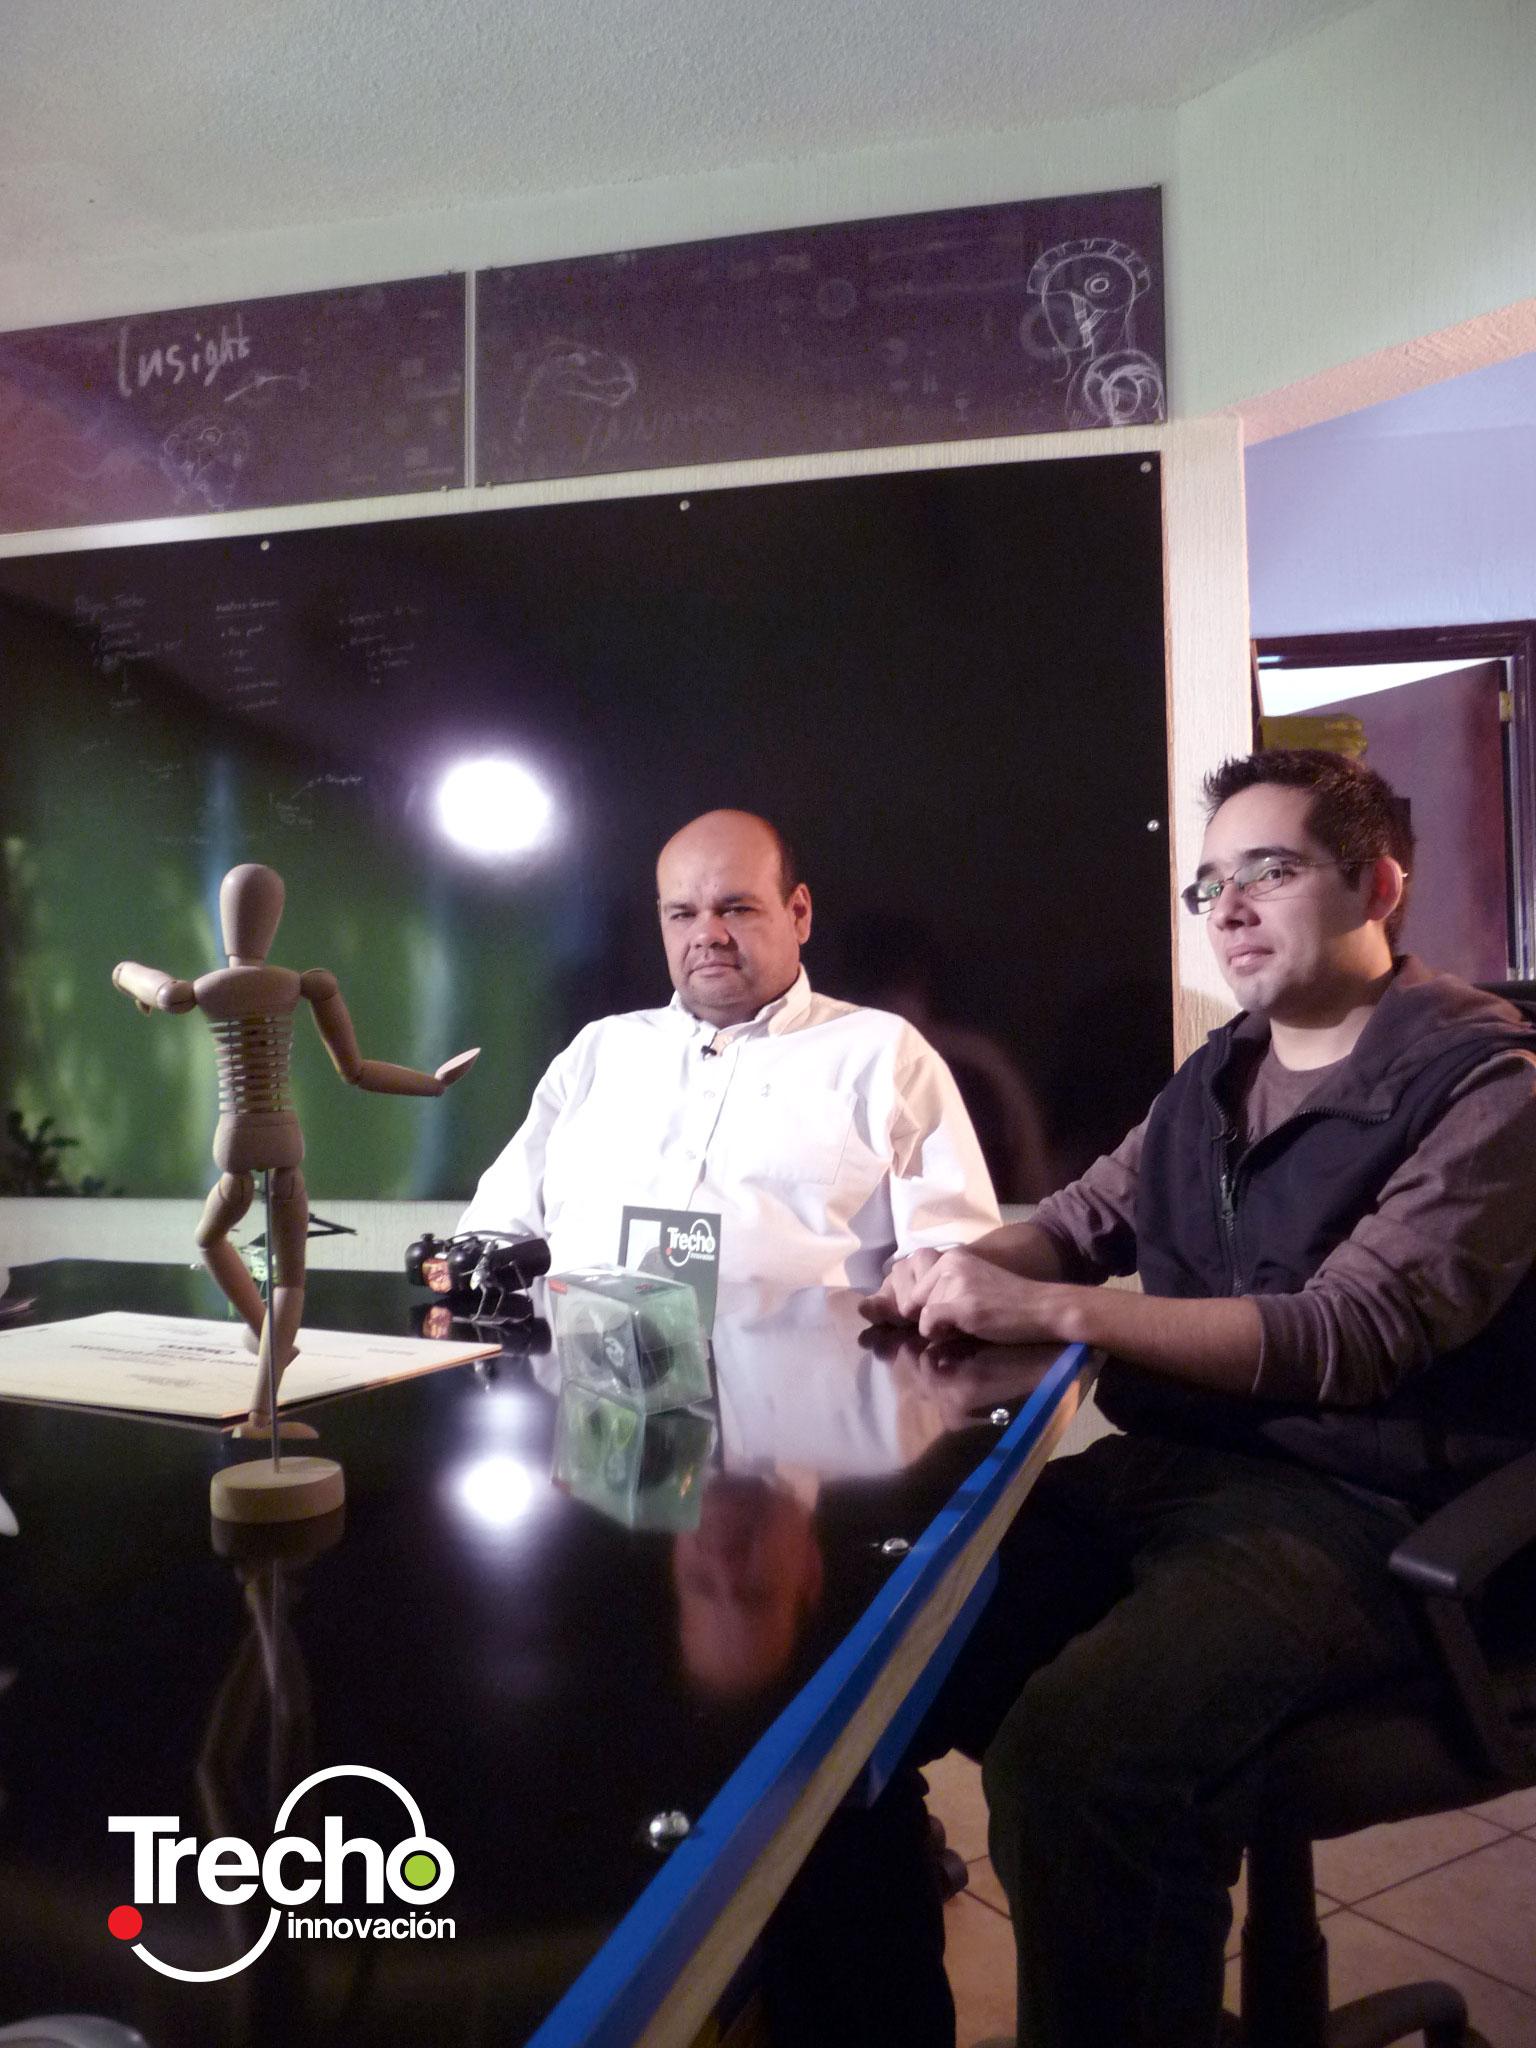 José Manuel Torner, director de Diseño y Ergonomía aplicada y Luis Bermúdez, Director Estratégico en Trecho innovación, forman parte del equipo del proyecto Kali.